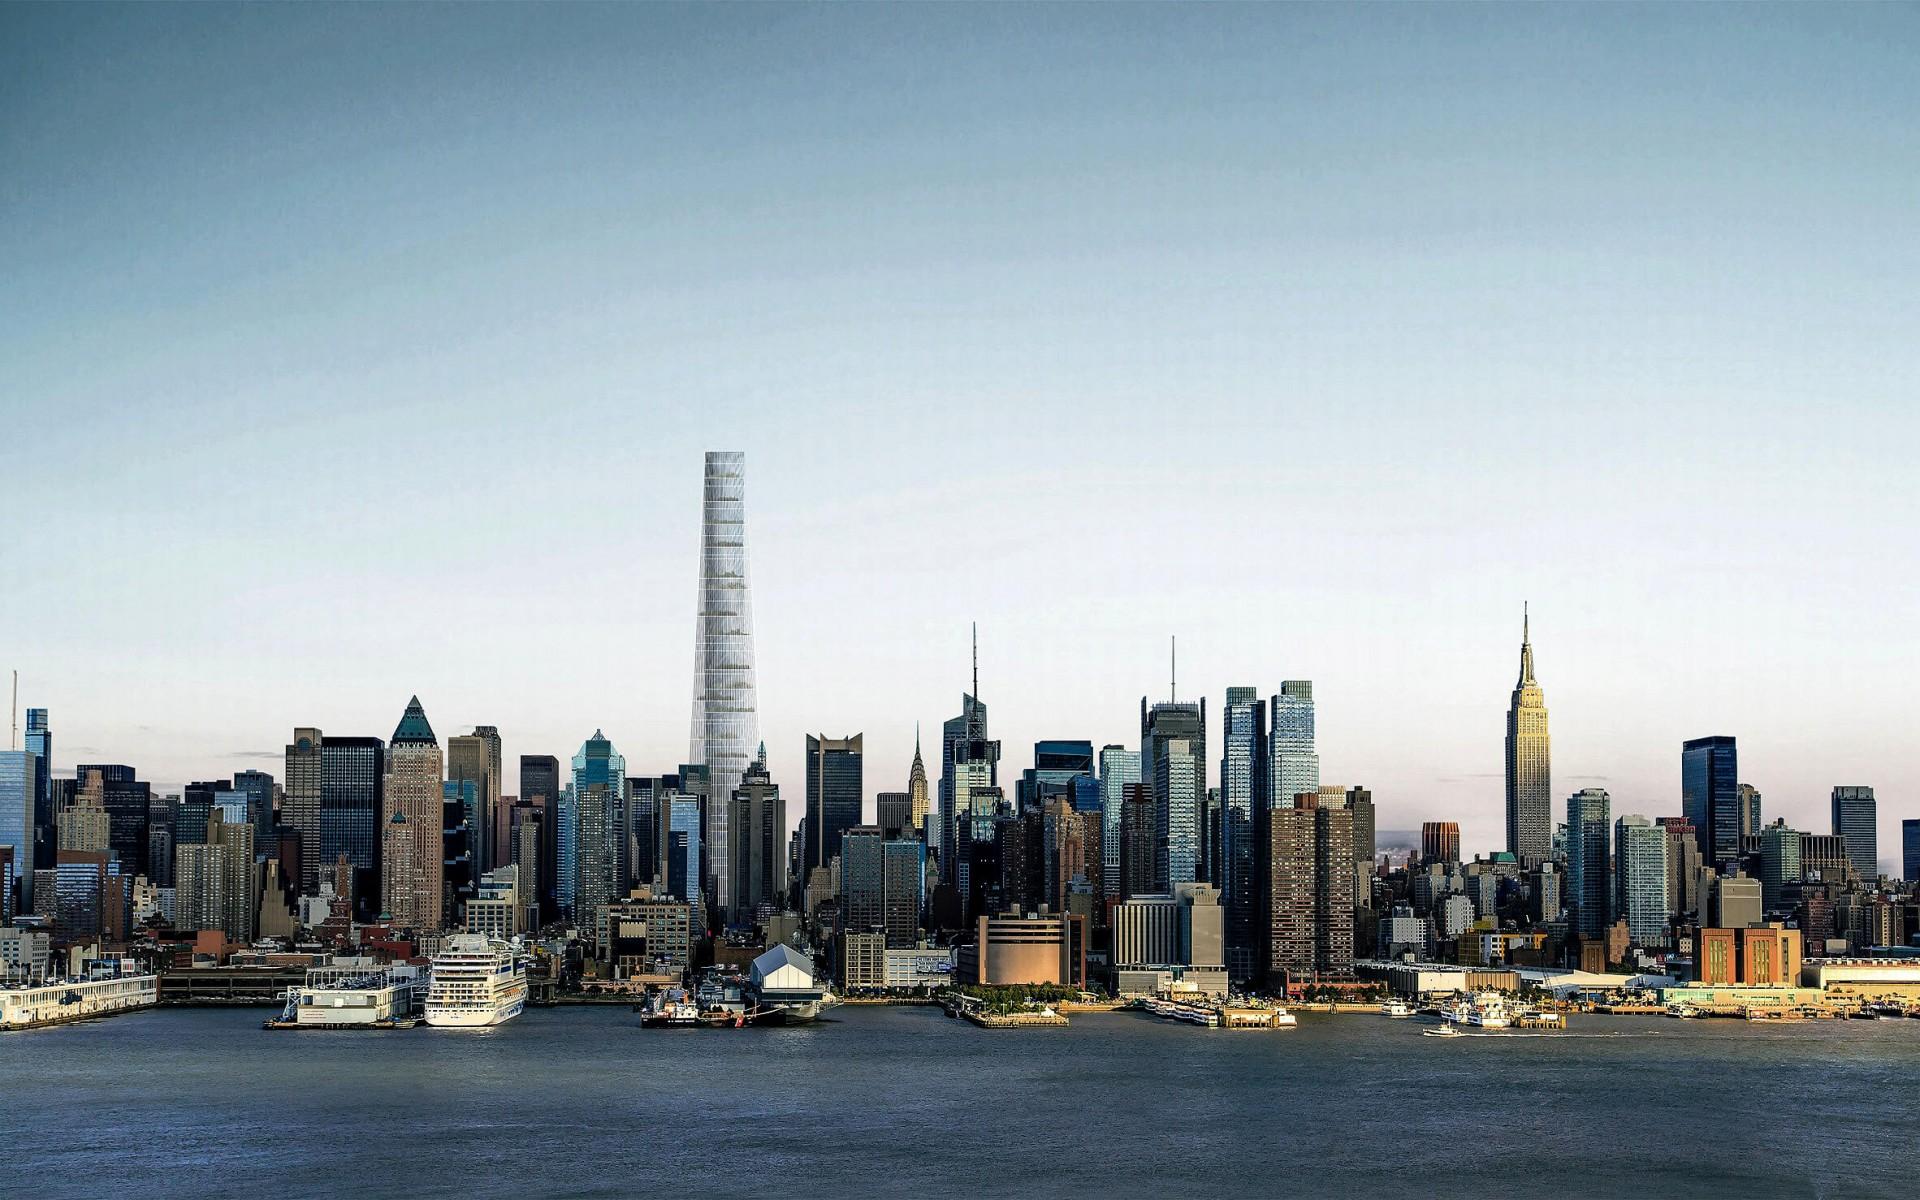 Maior arranha-céu do mundo com conceitos de sustentabilidade está projetado para ser construído em Nova York, com 130 metros de altura Crédito: Lissoni & Partners